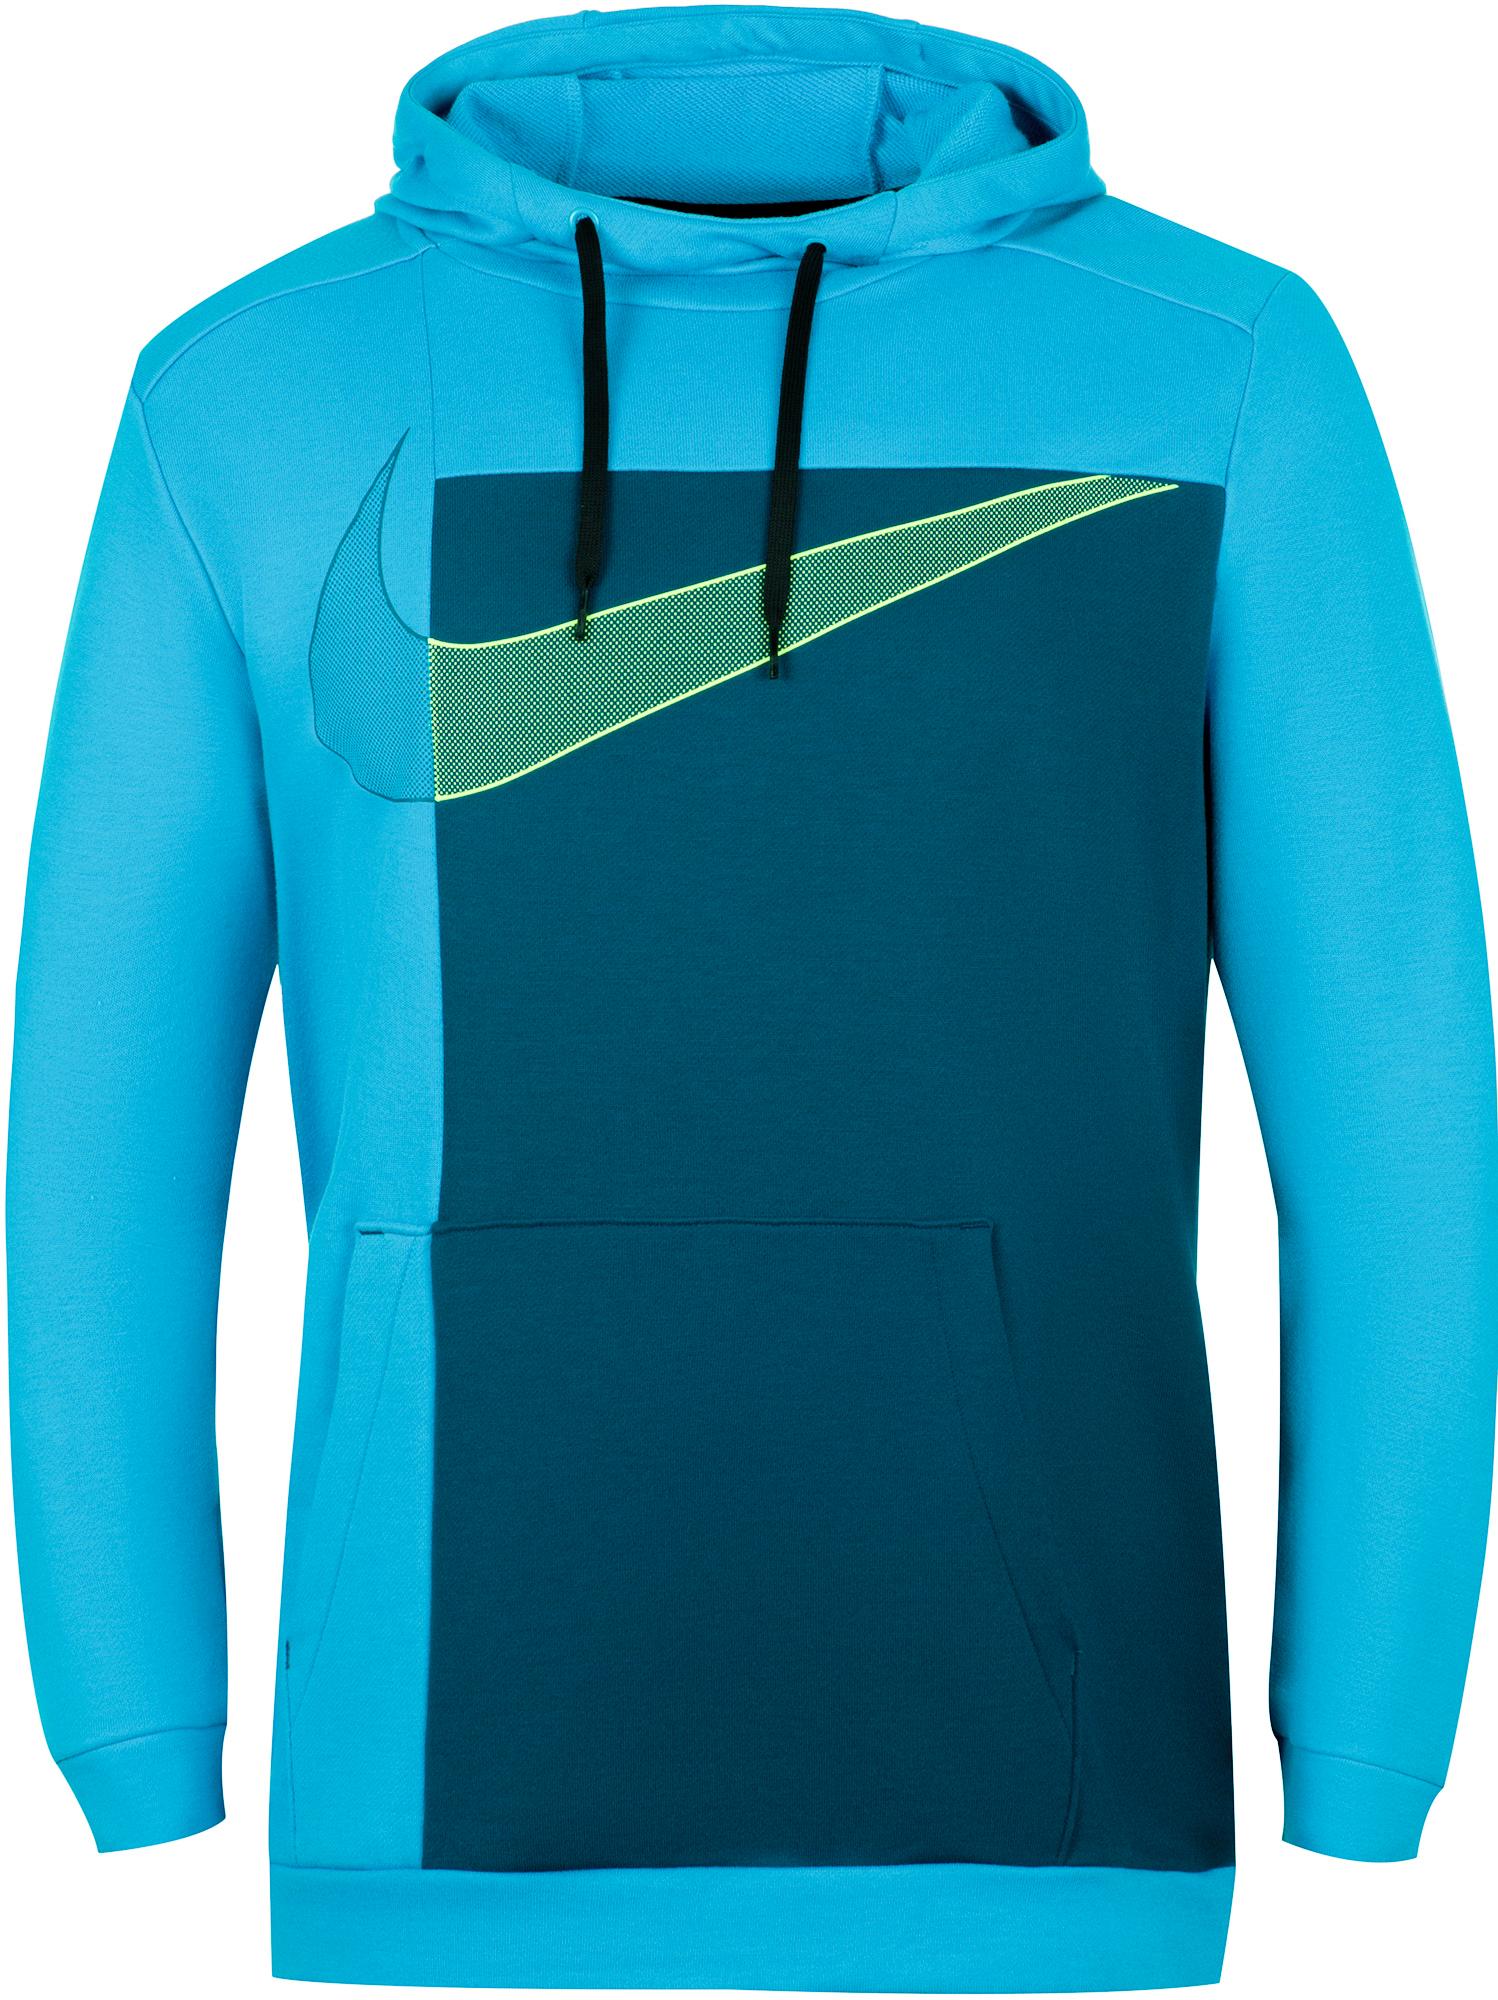 цена Nike Худи мужская Nike Dri-FIT, размер 52-54 онлайн в 2017 году